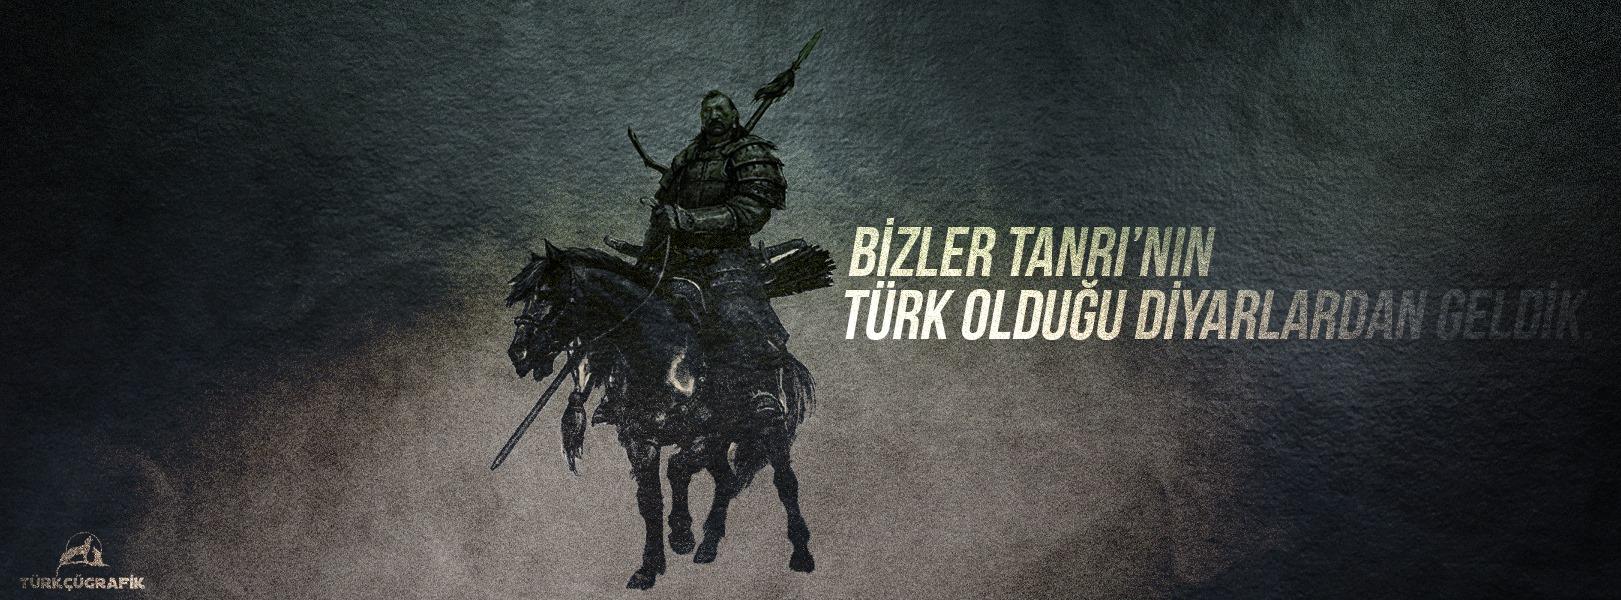 bizler tanrının türk olduğu diyarlardan geldik -kapak